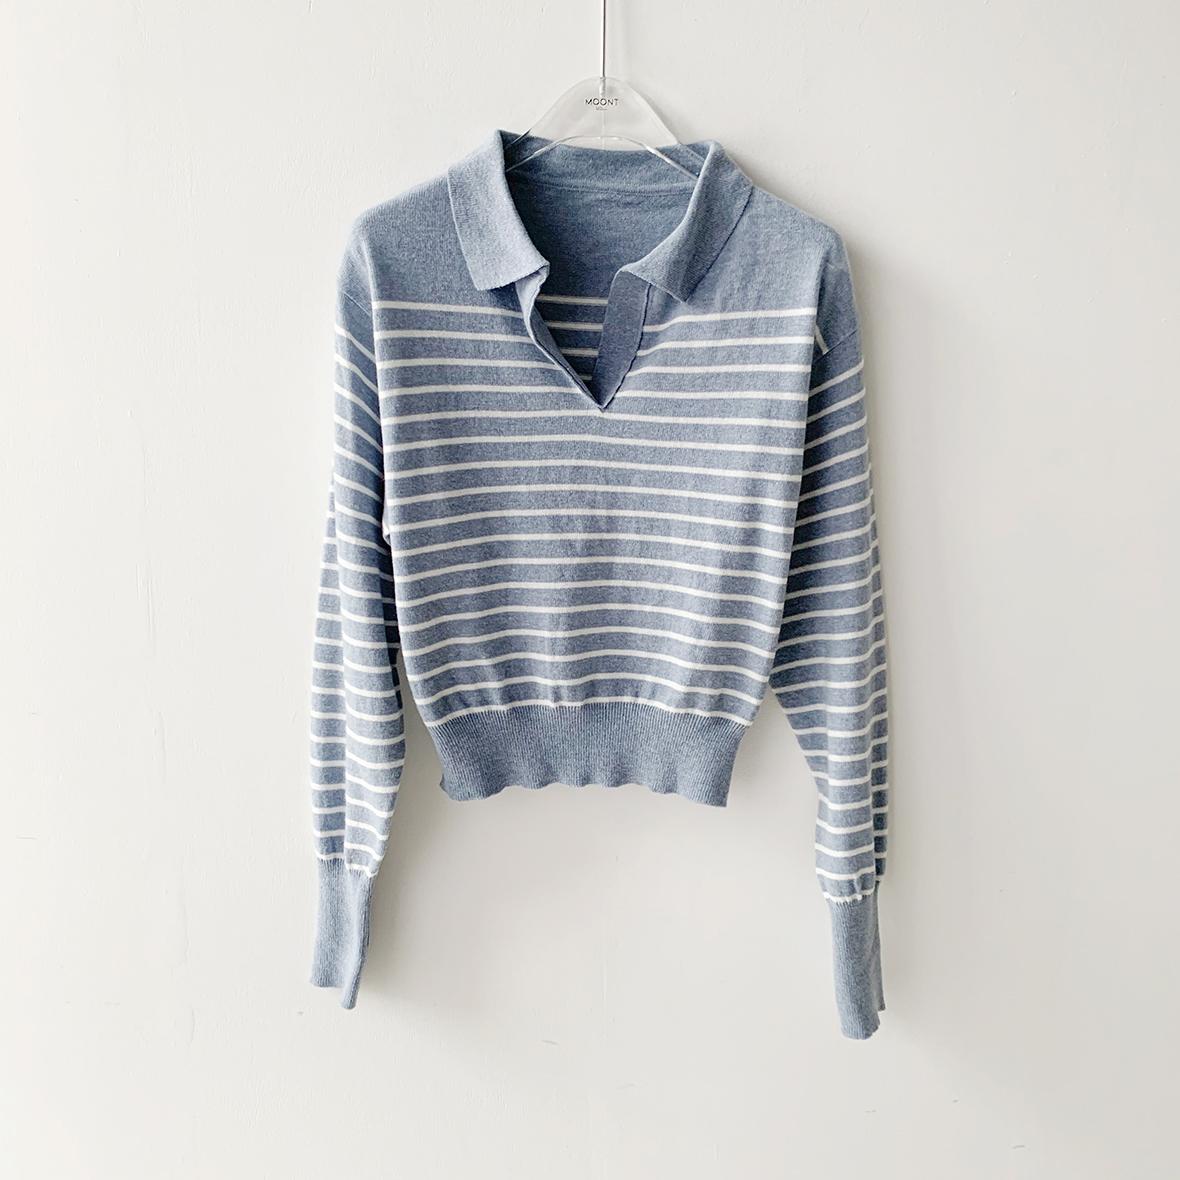 긴팔 티셔츠 라벤더 색상 이미지-S1L37